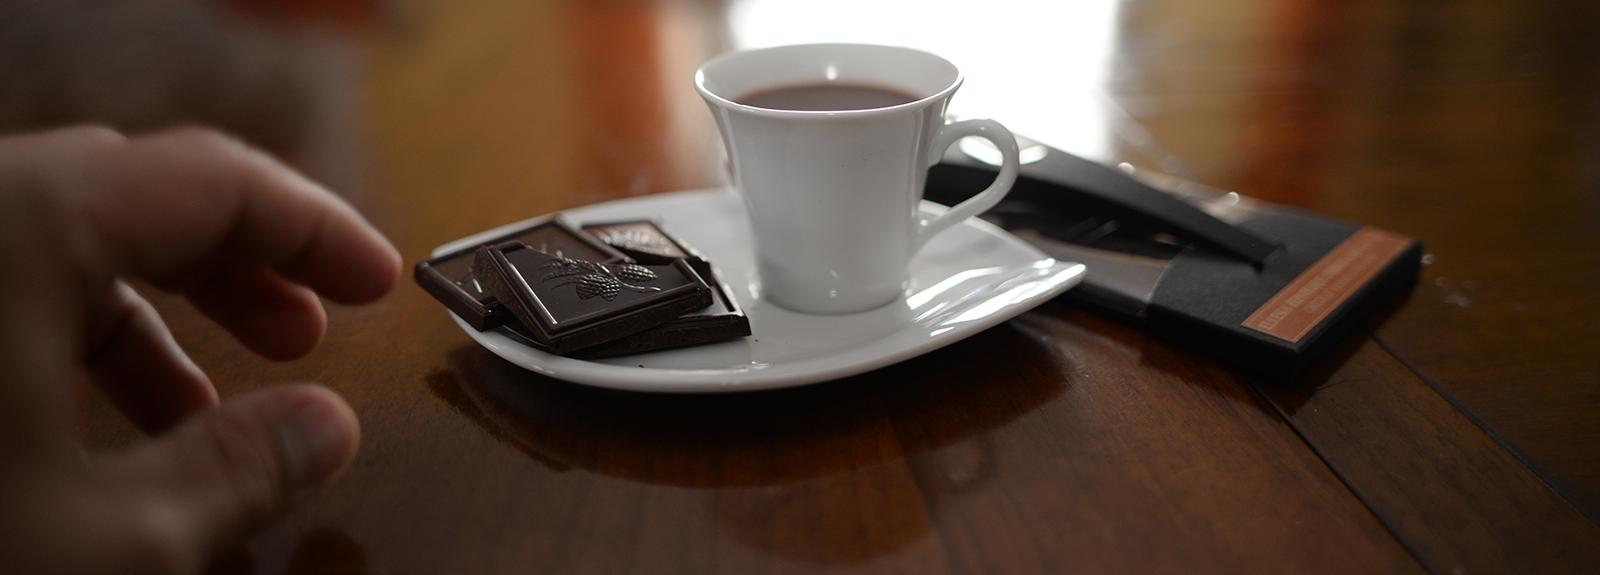 Tablettes de chocolats Header